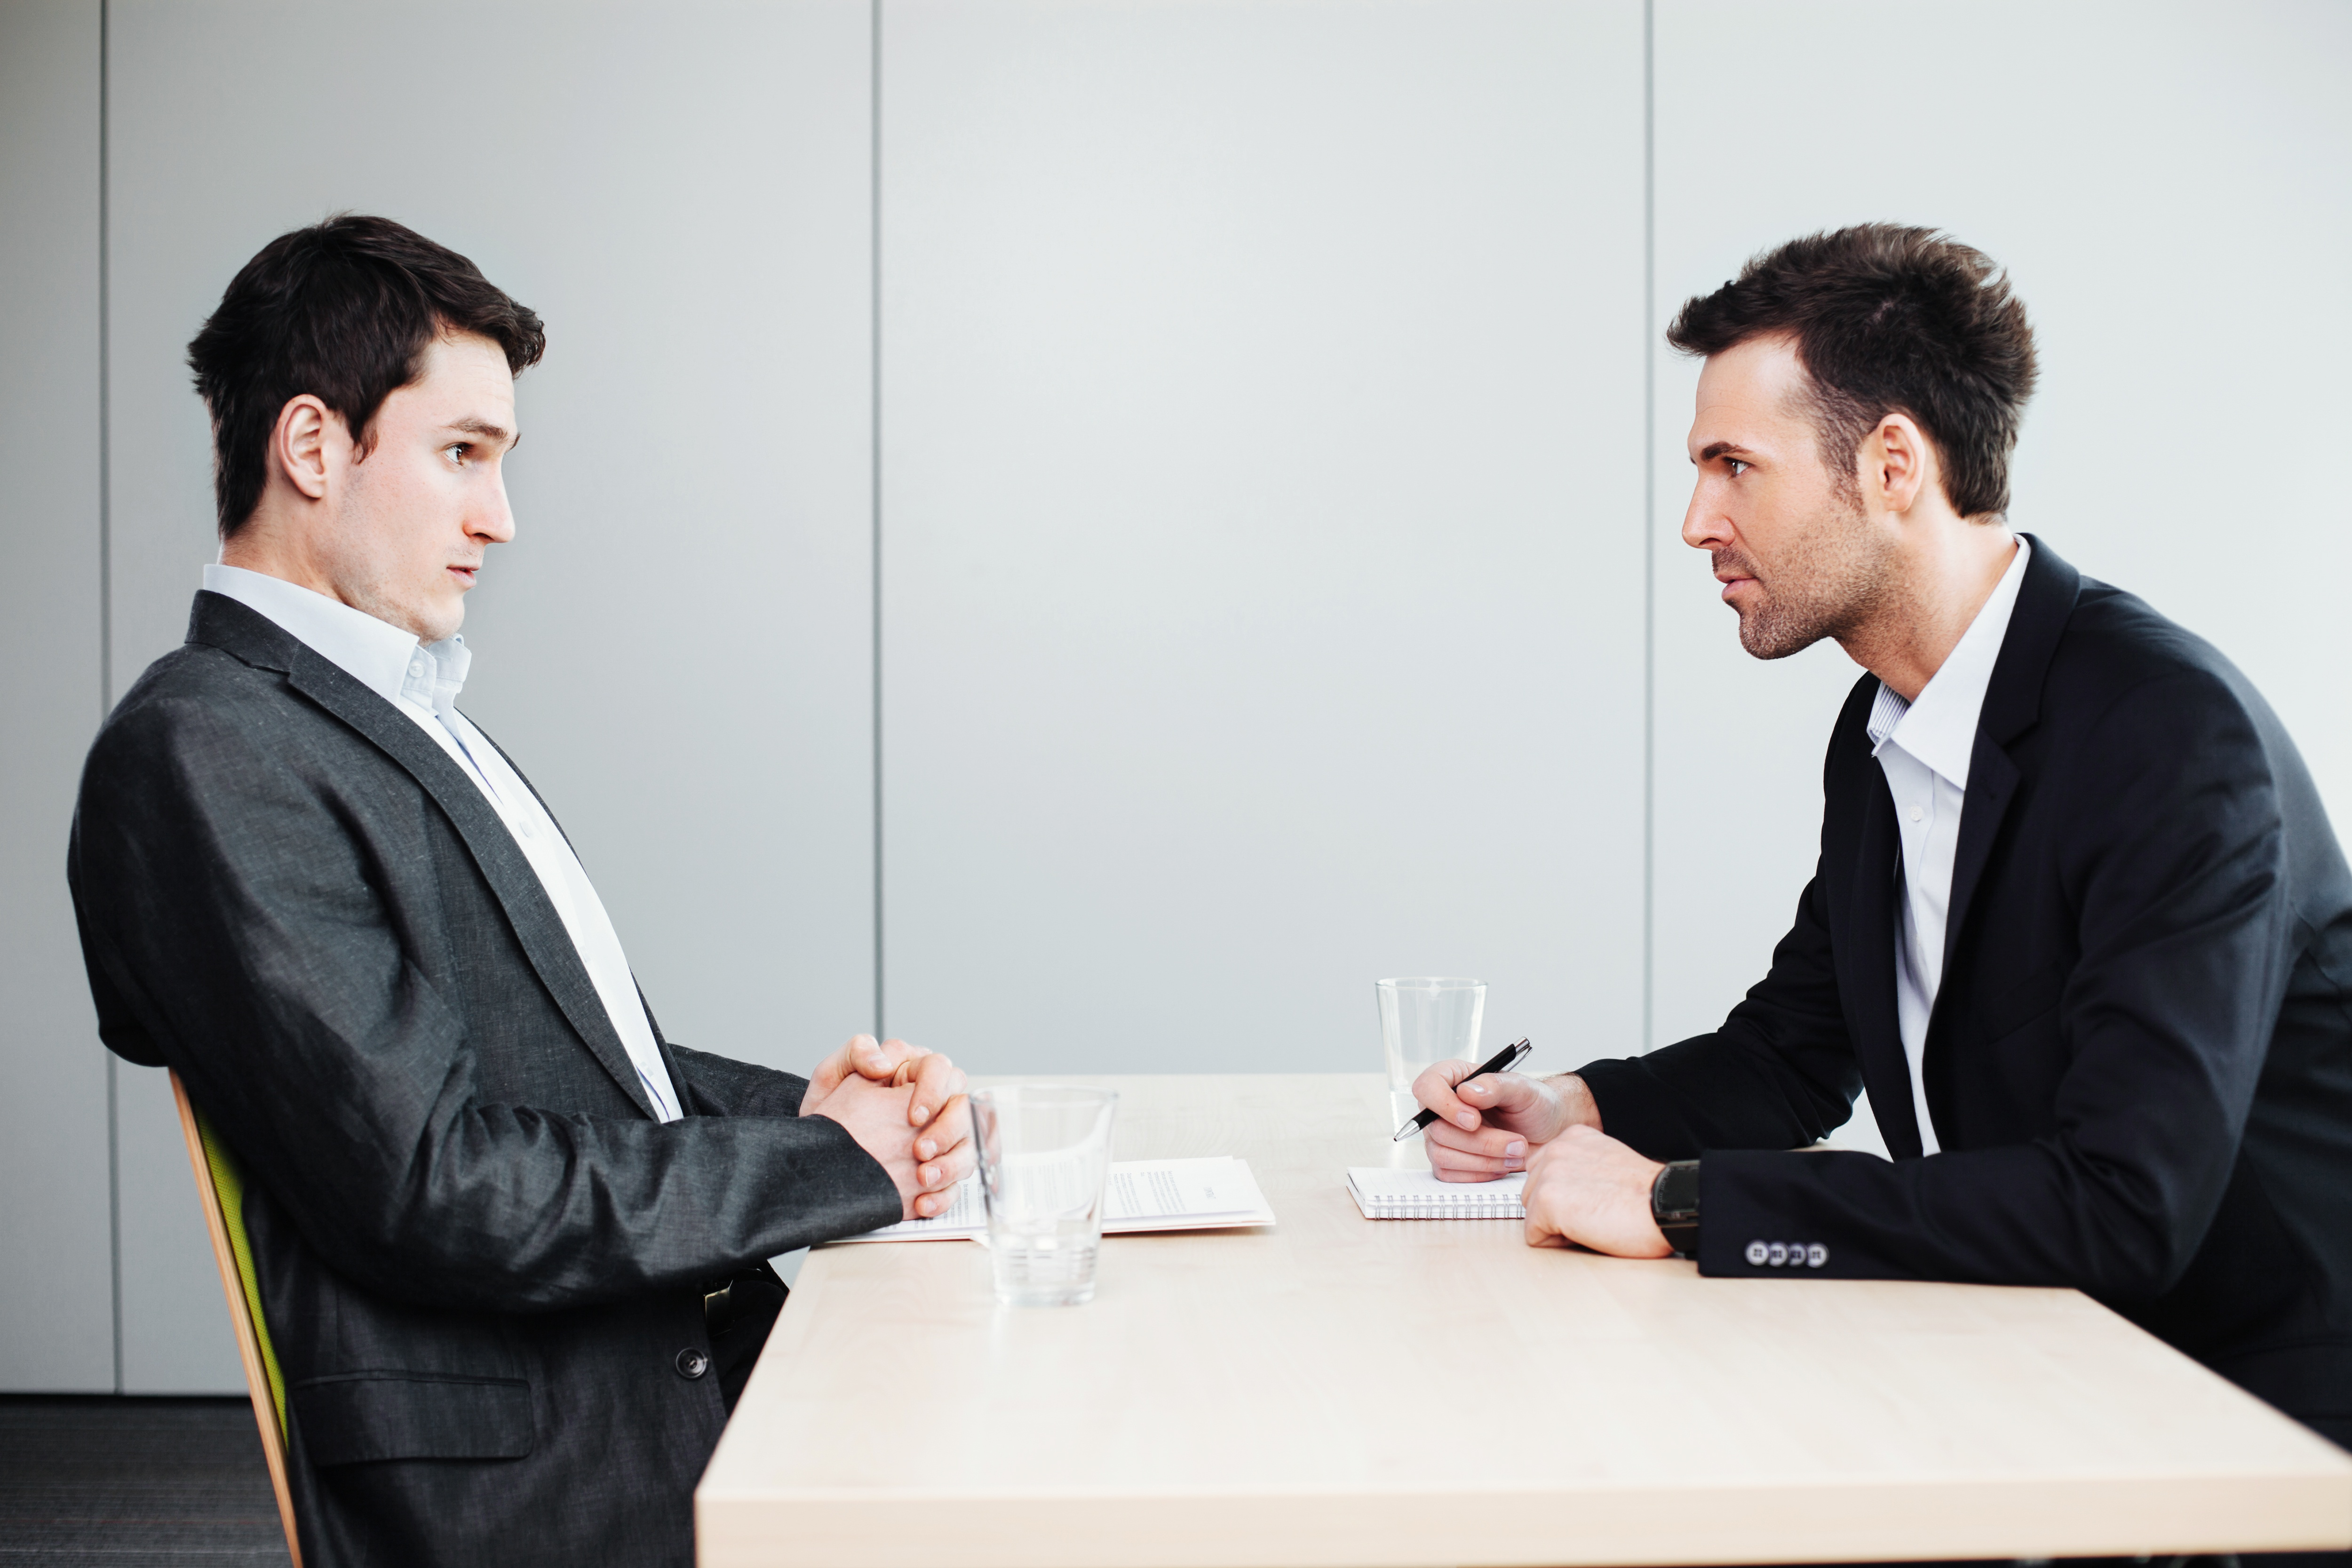 actitud del reclutador en la entrevista